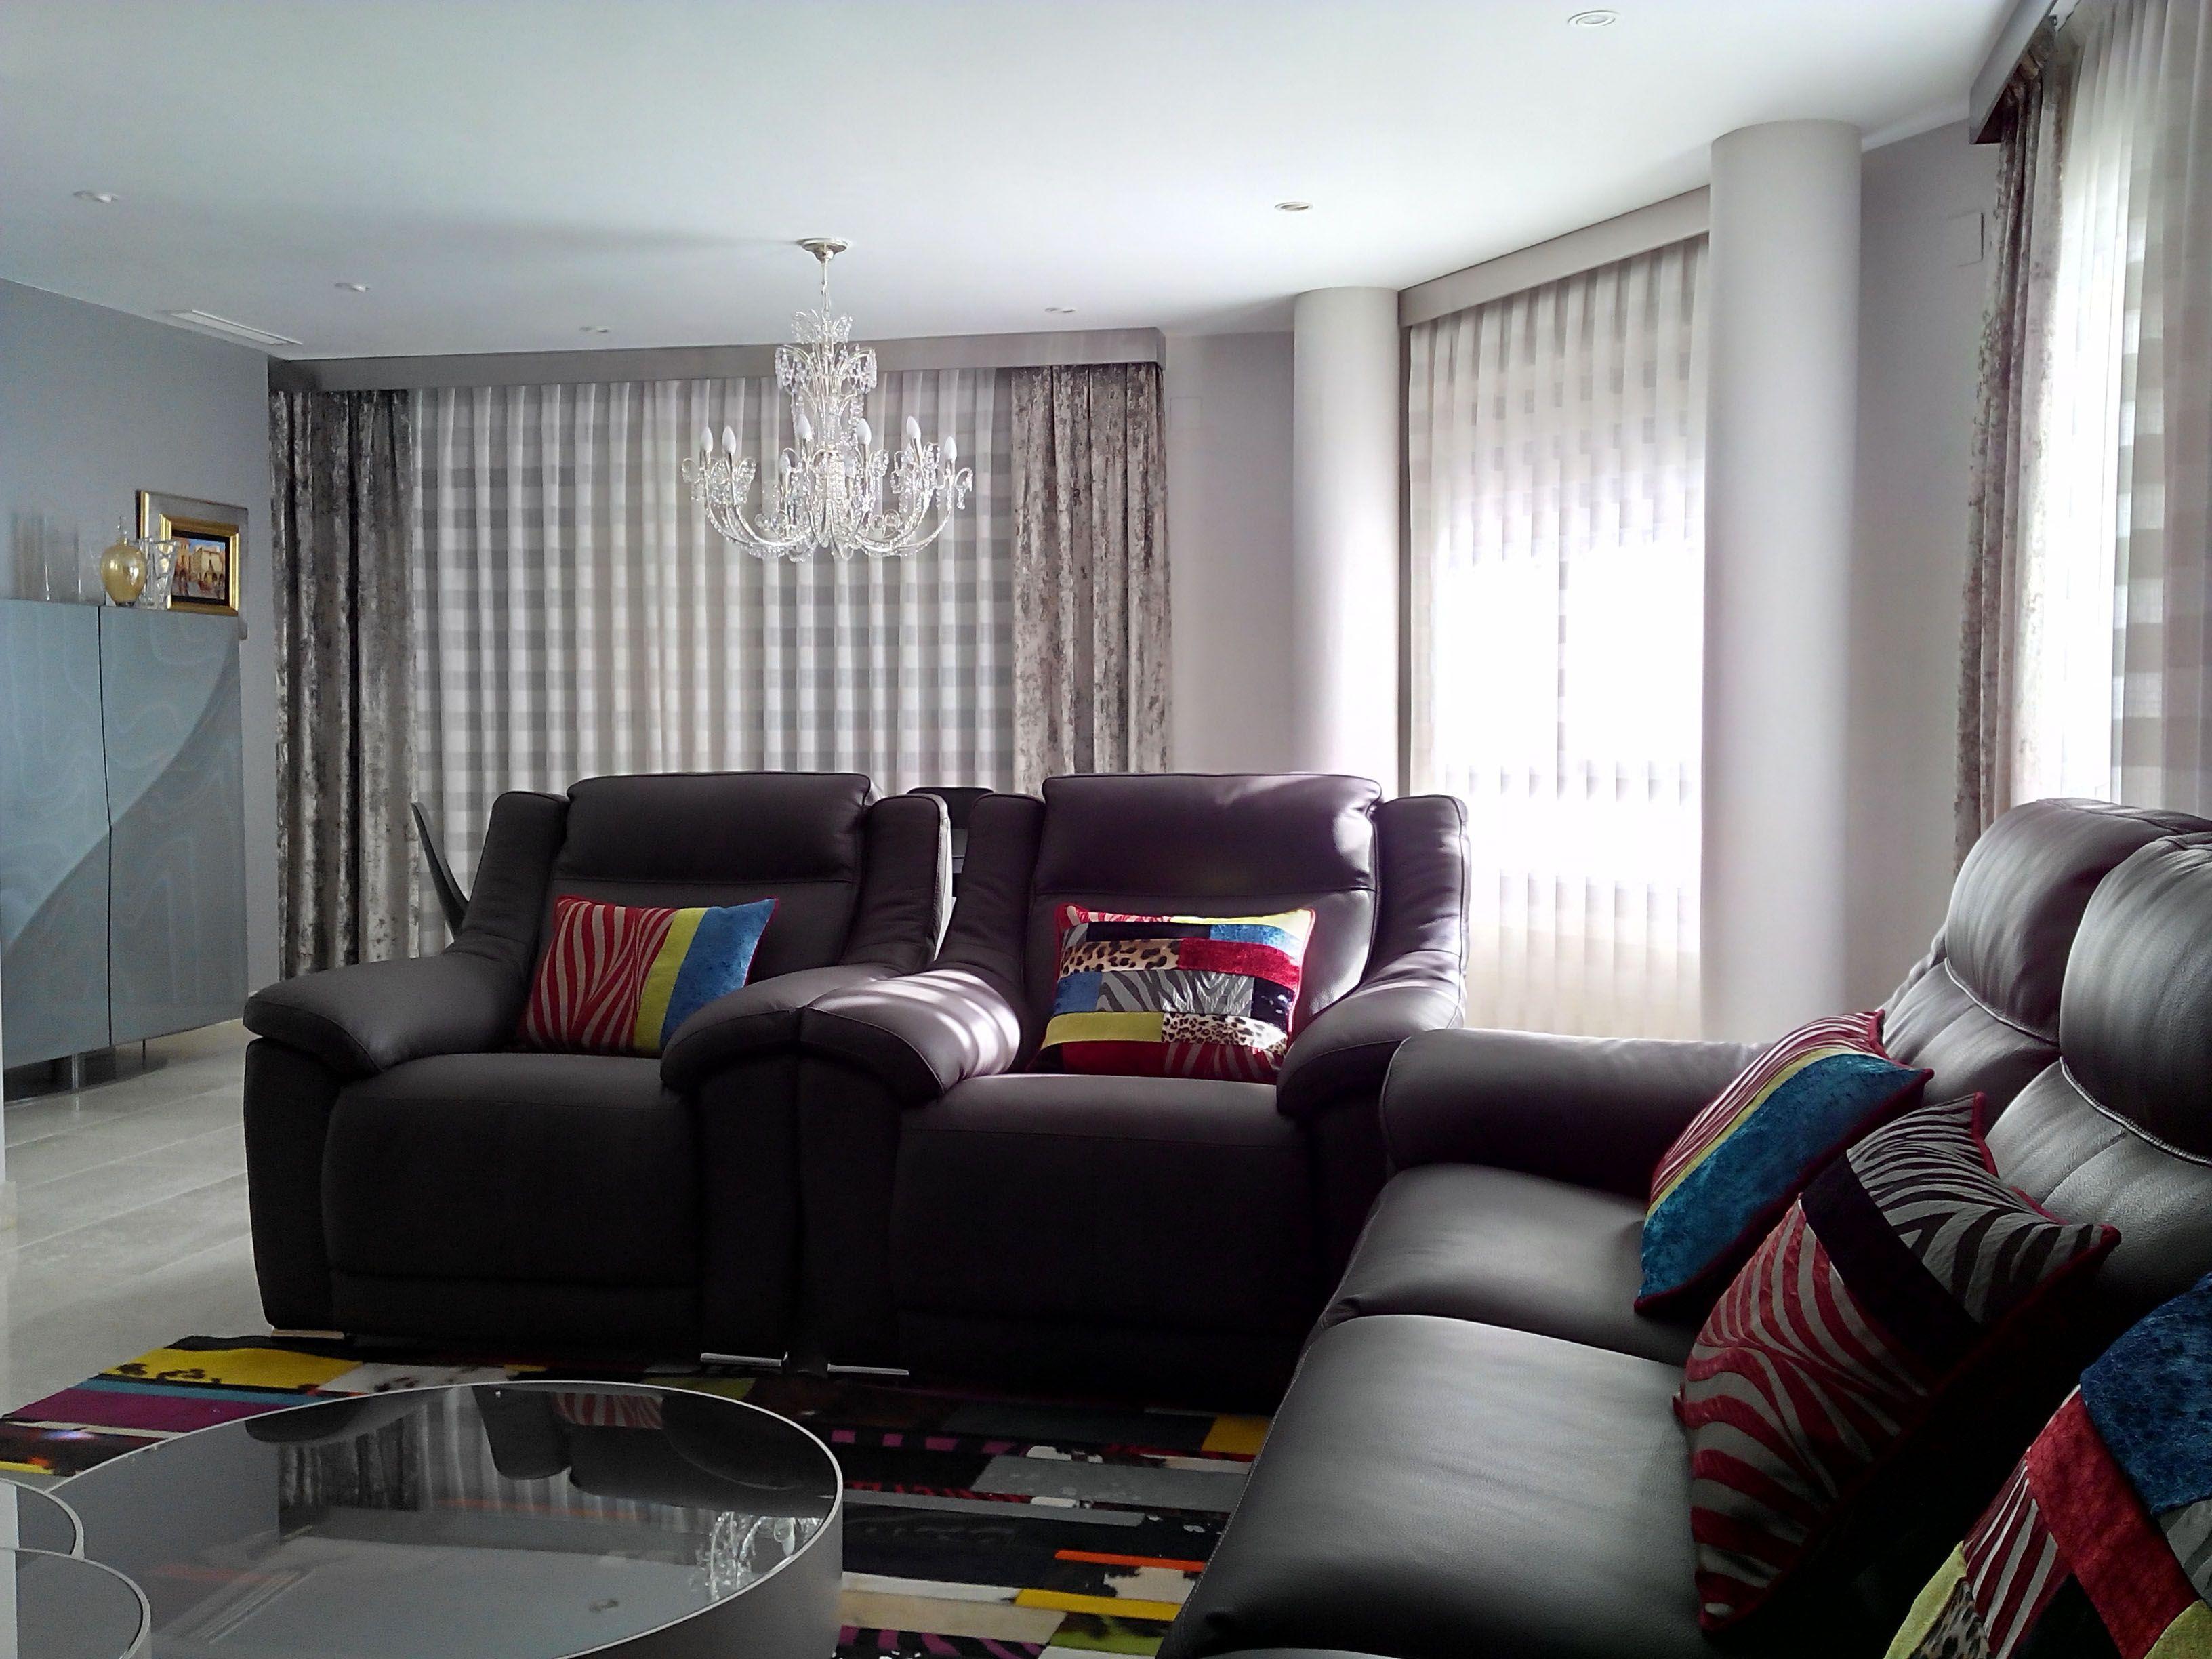 saln con visillos y dobles cortinas en las ventanas y alegres cojines en el sof gris - Cortinas Salon